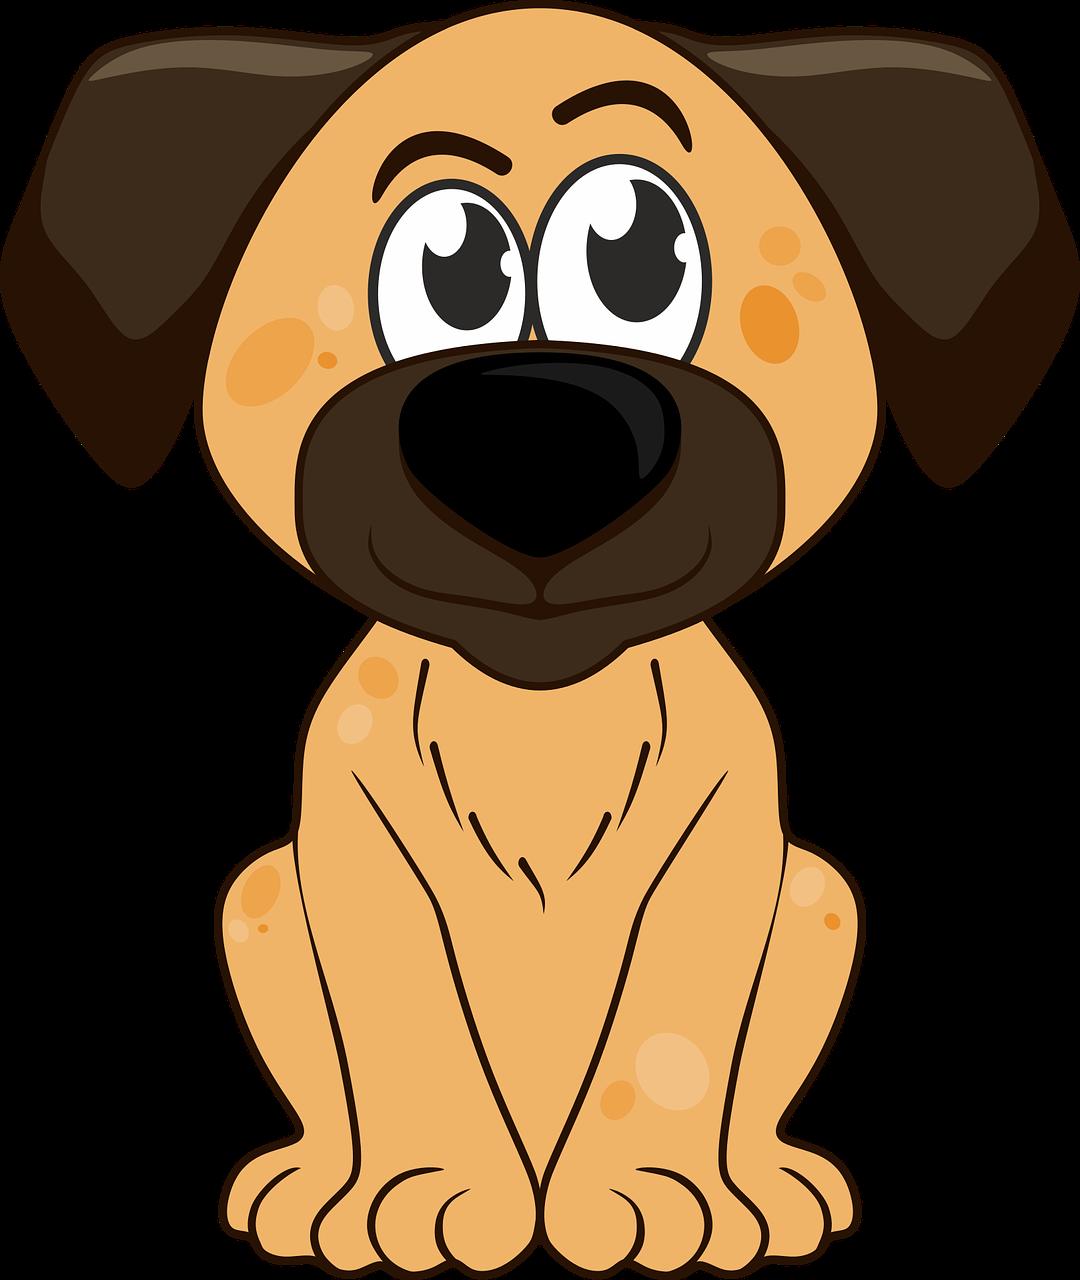 Мультяшные картинки собак